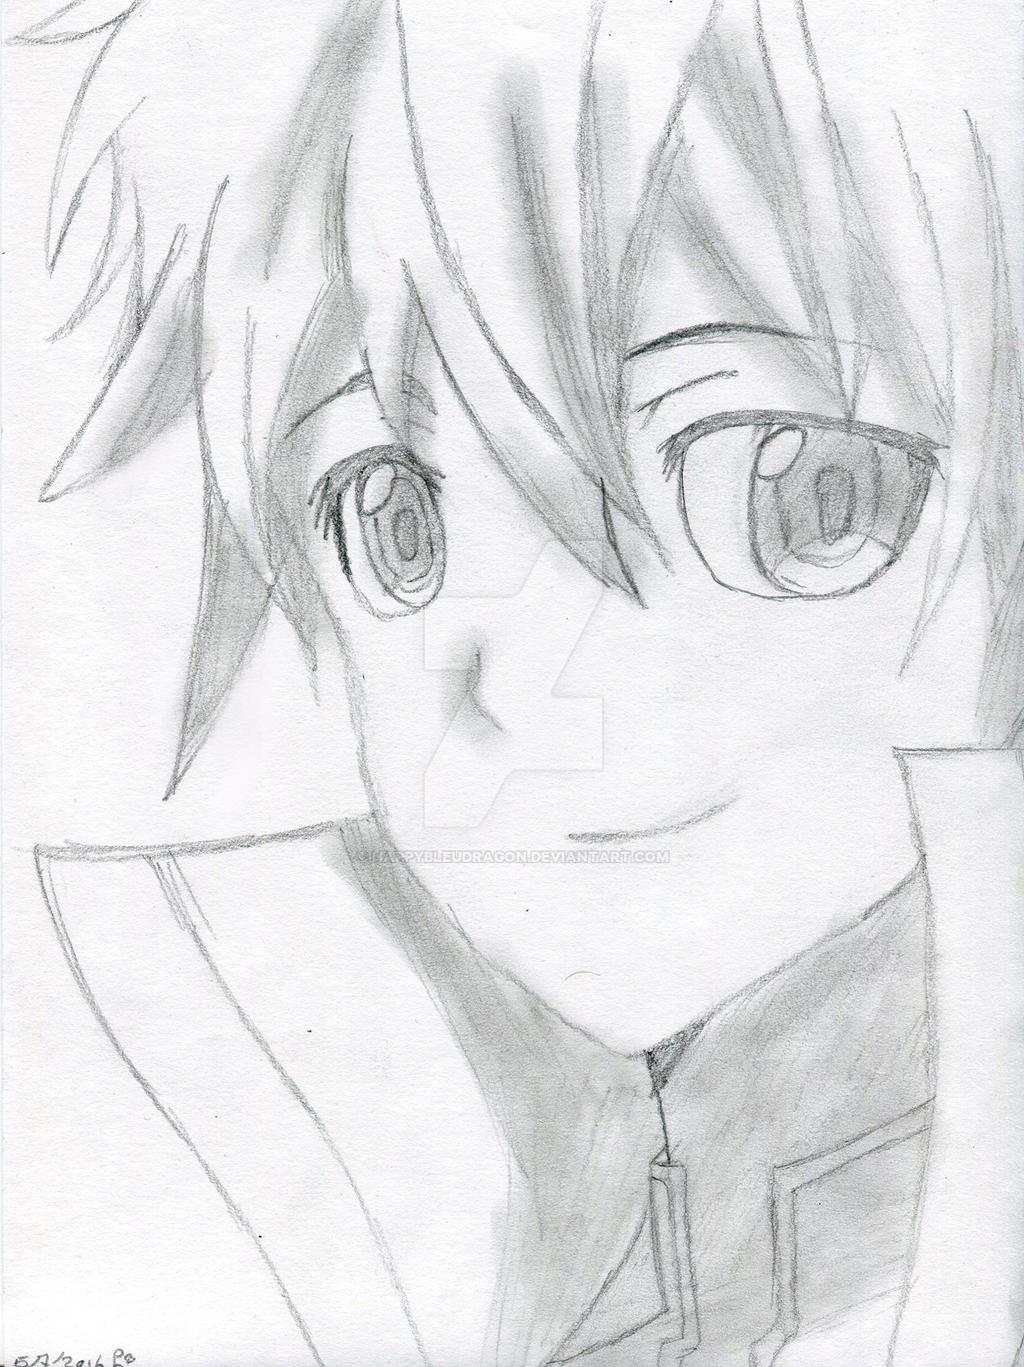 Kirito sketch sword art online by happybleudragon